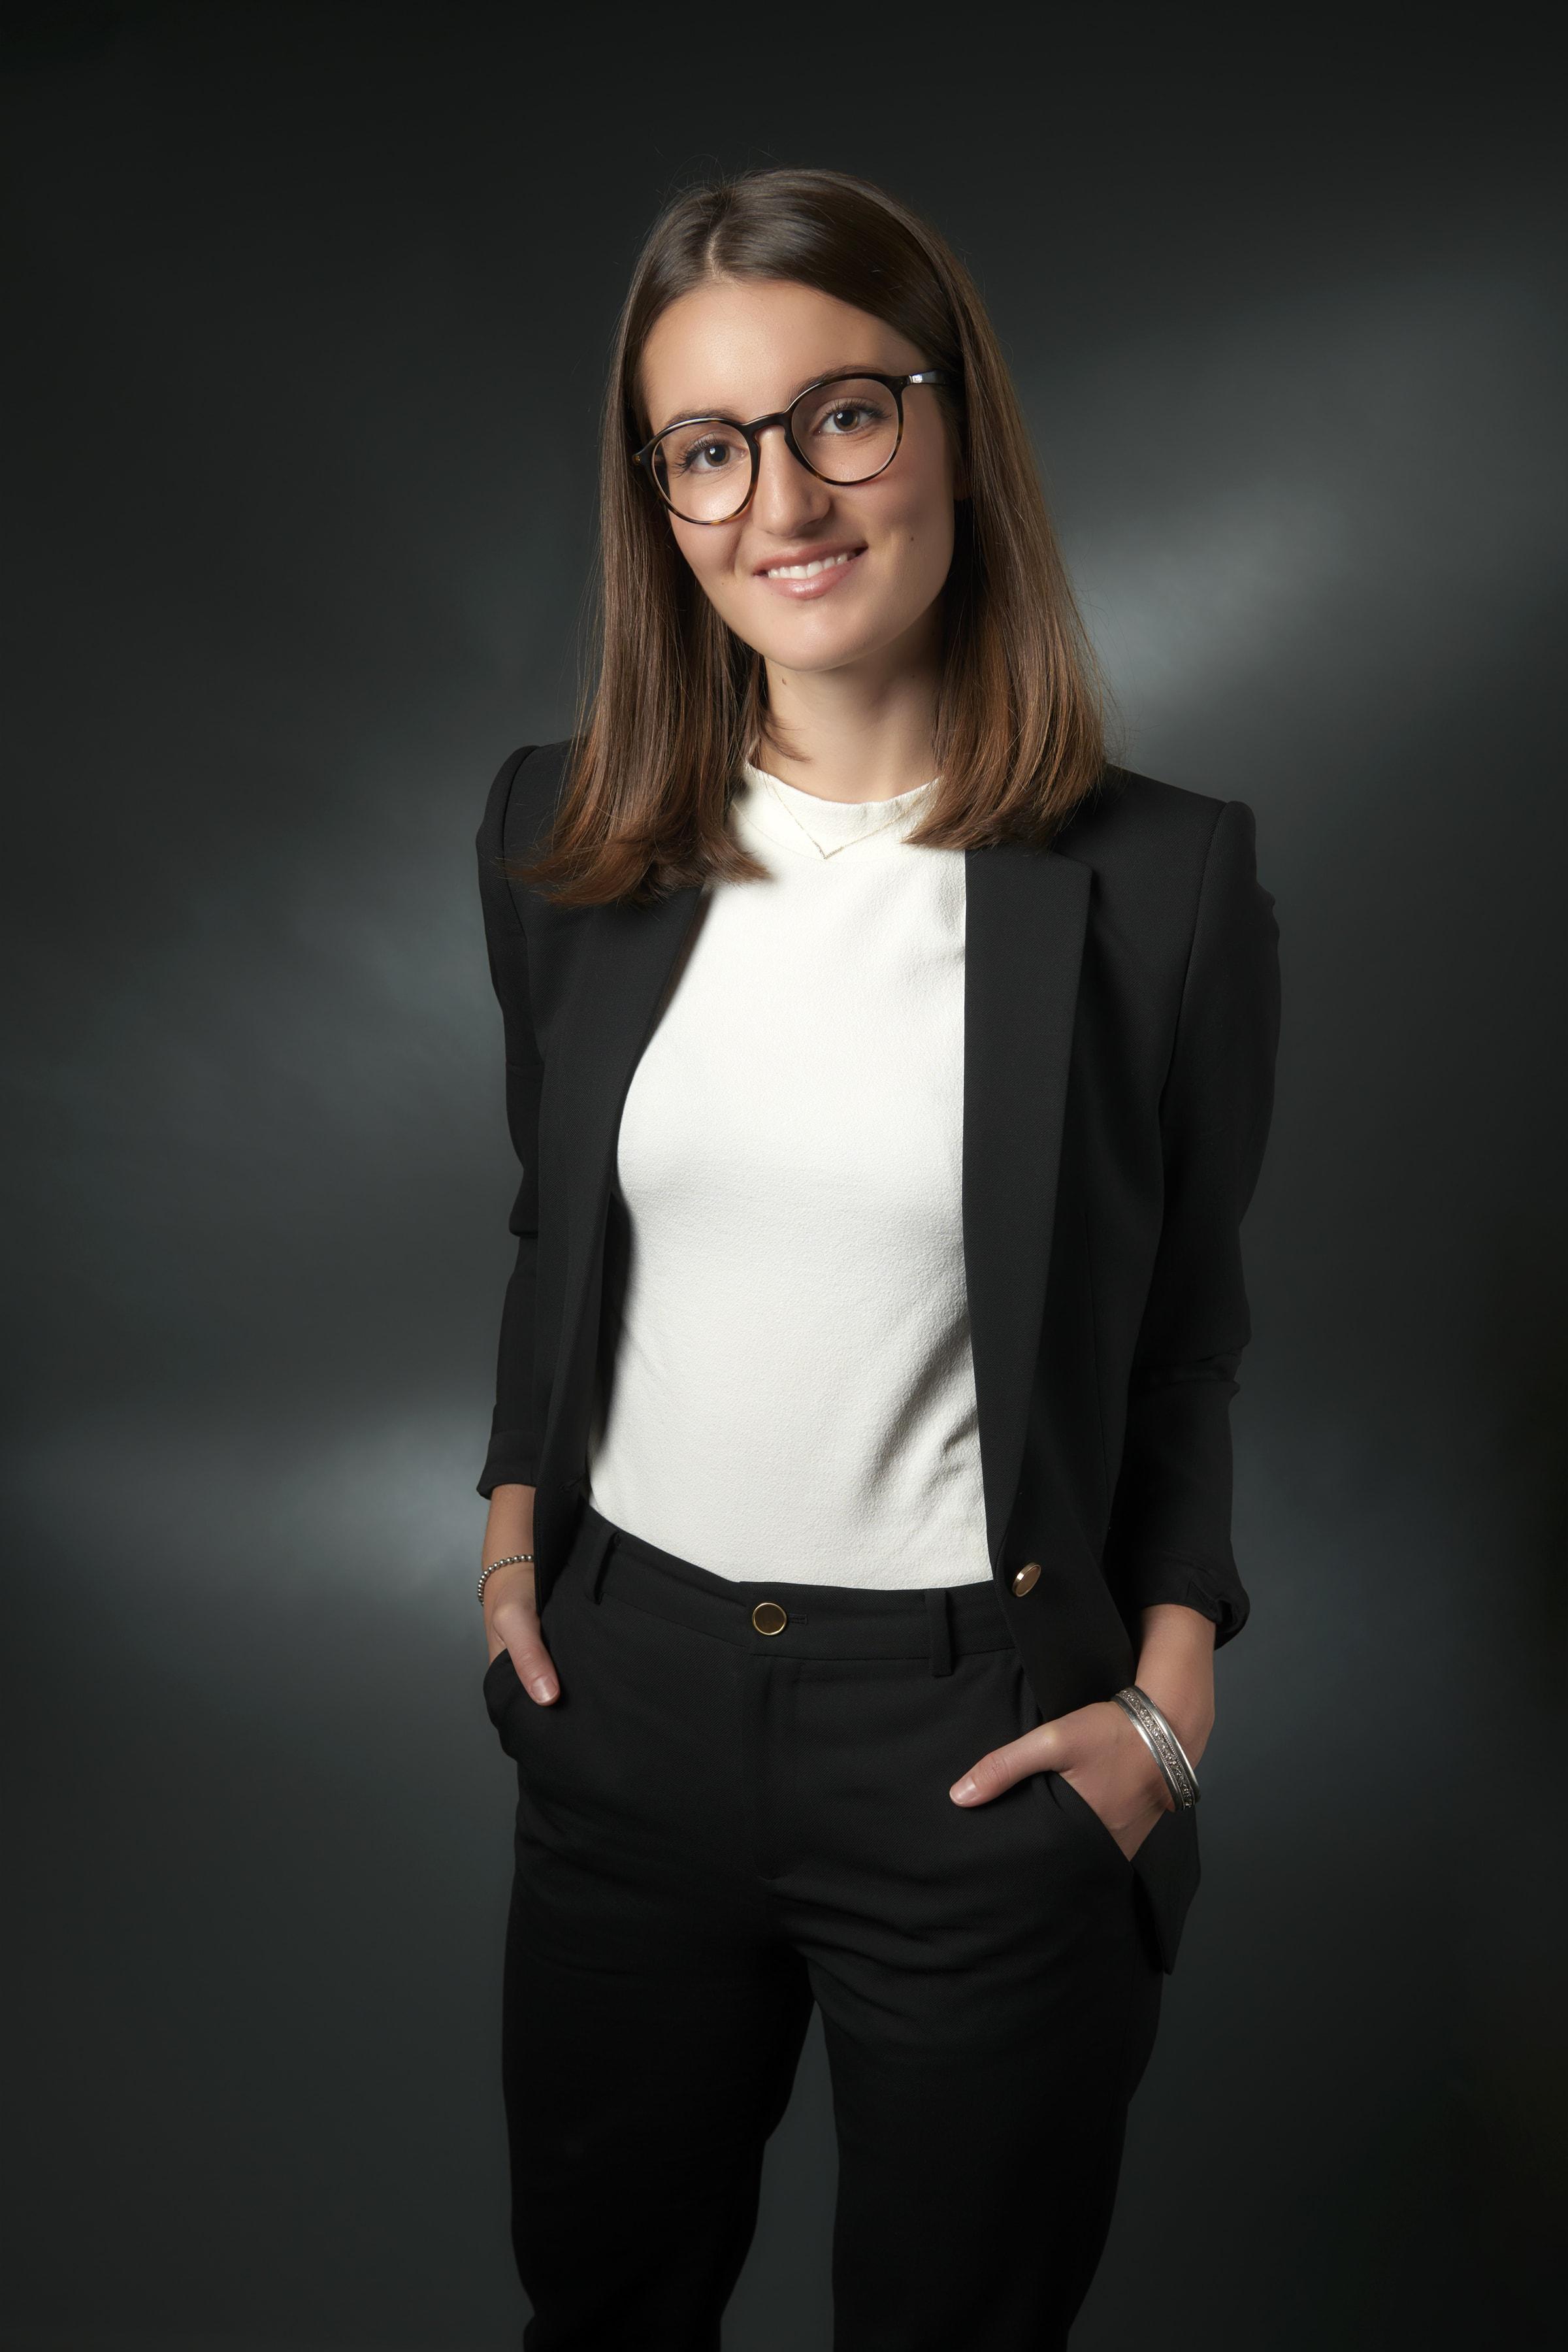 Emmanuelle-Salambo Deguara